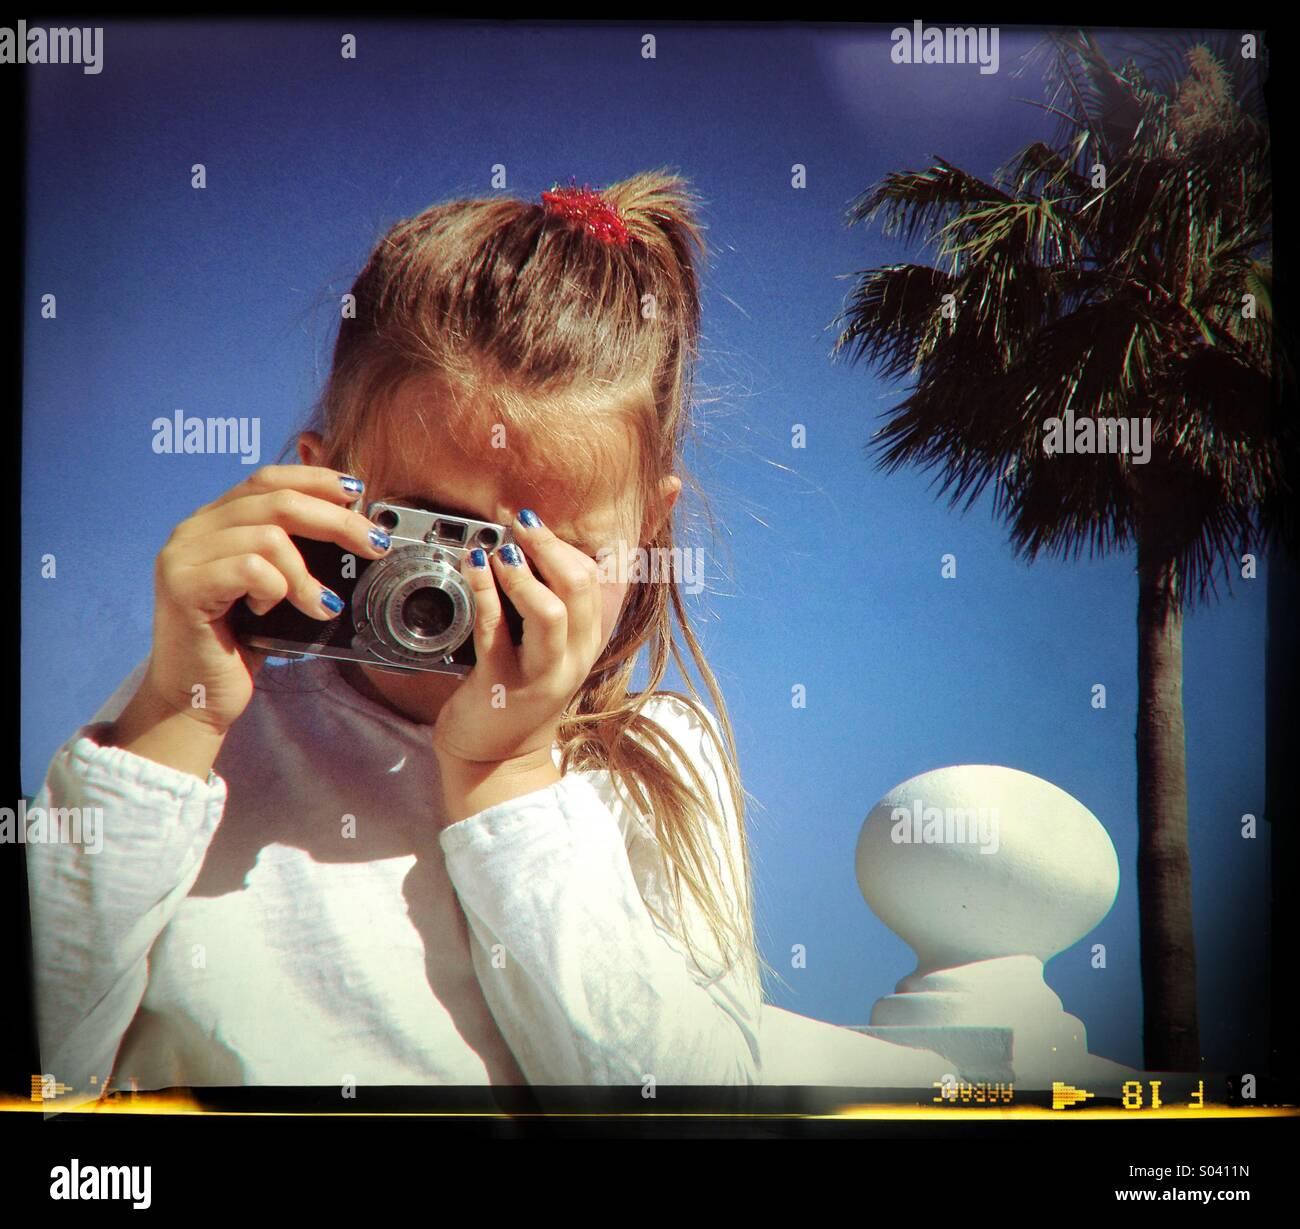 6 anno vecchia ragazza tenendo fotografia con fotocamera vintage. Immagini Stock